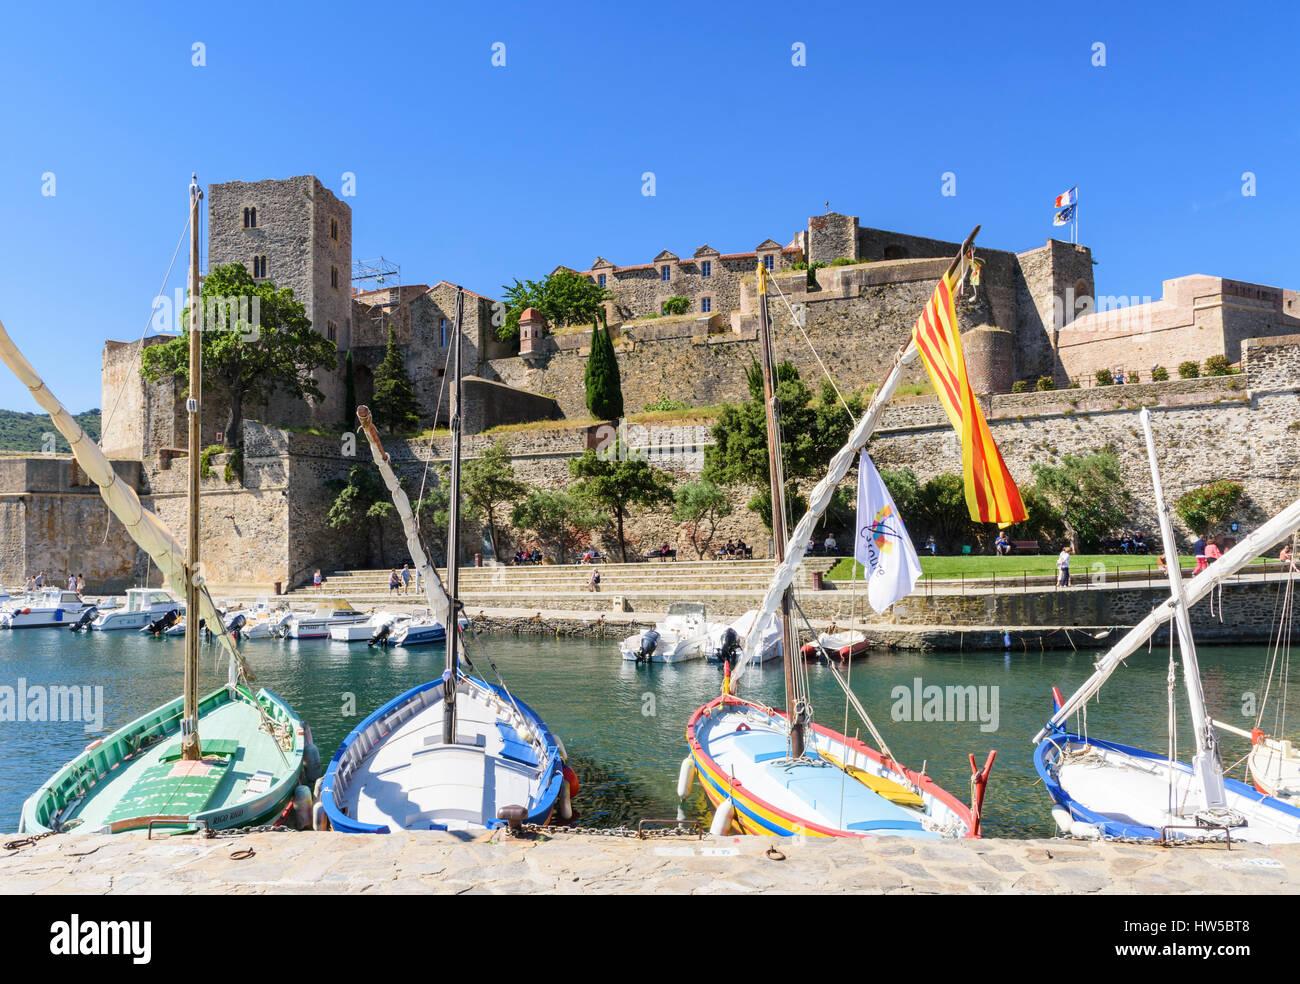 Collioure Château Royal mit Blick auf Boote im kleinen Hafen von Port AVALL, Collioure, Côte Vermeille, Frankreich Stockfoto